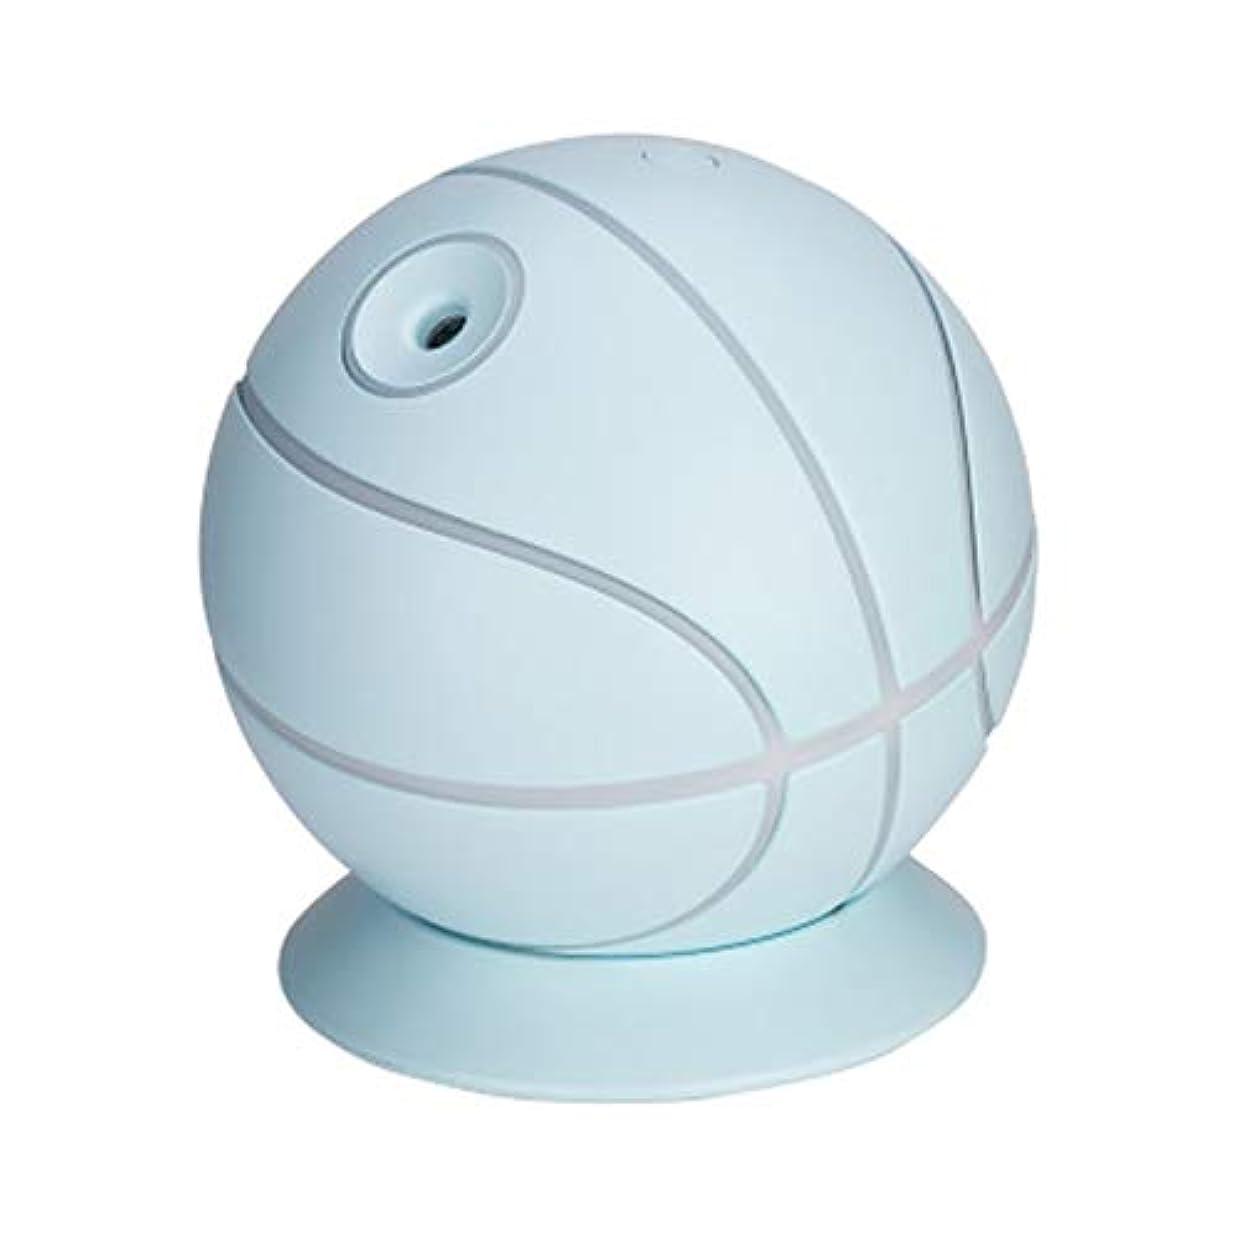 差別するエキスパートプラットフォームバスケットボール エッセンシャルオイル ディフューザー、 USB 超音波 酸素 流量計 アトマイザー クールミスト 空気 加湿器、 180° ロータリー ミニ ディフューザー にとって ホーム 車 事,Blue